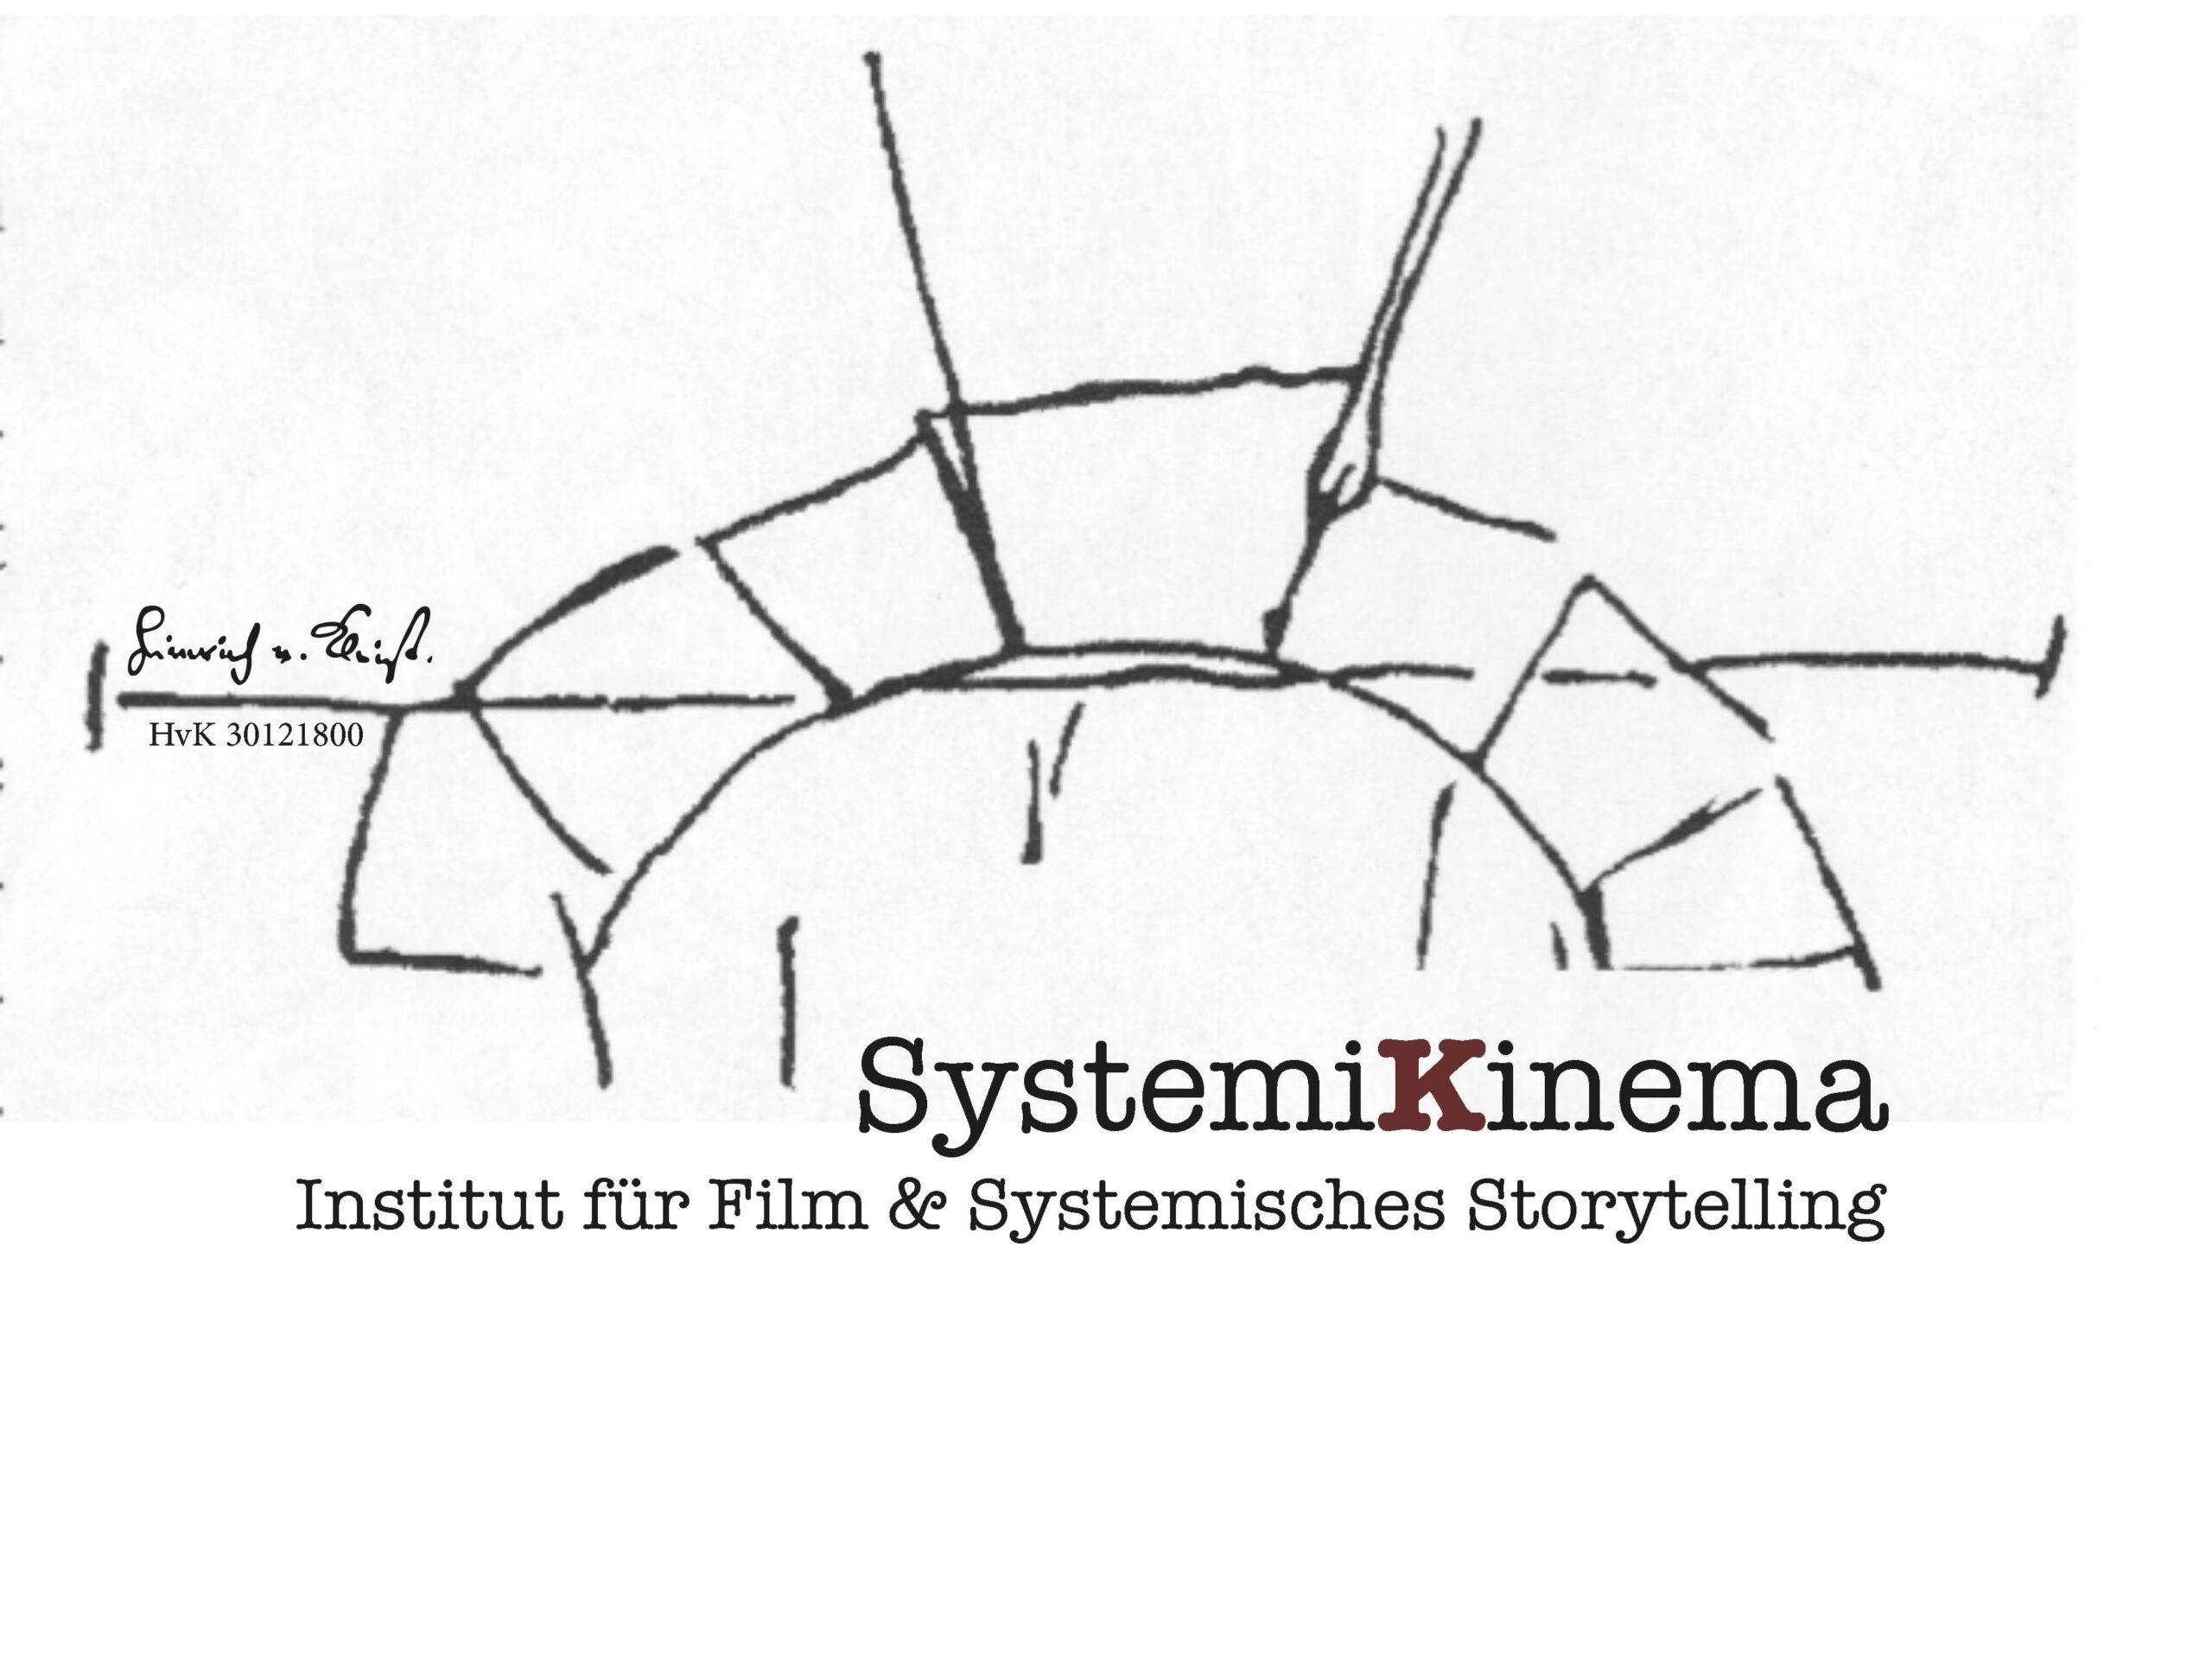 Das Logo von SystemiKinema, dem Institut für Film und systematisches Storytelling